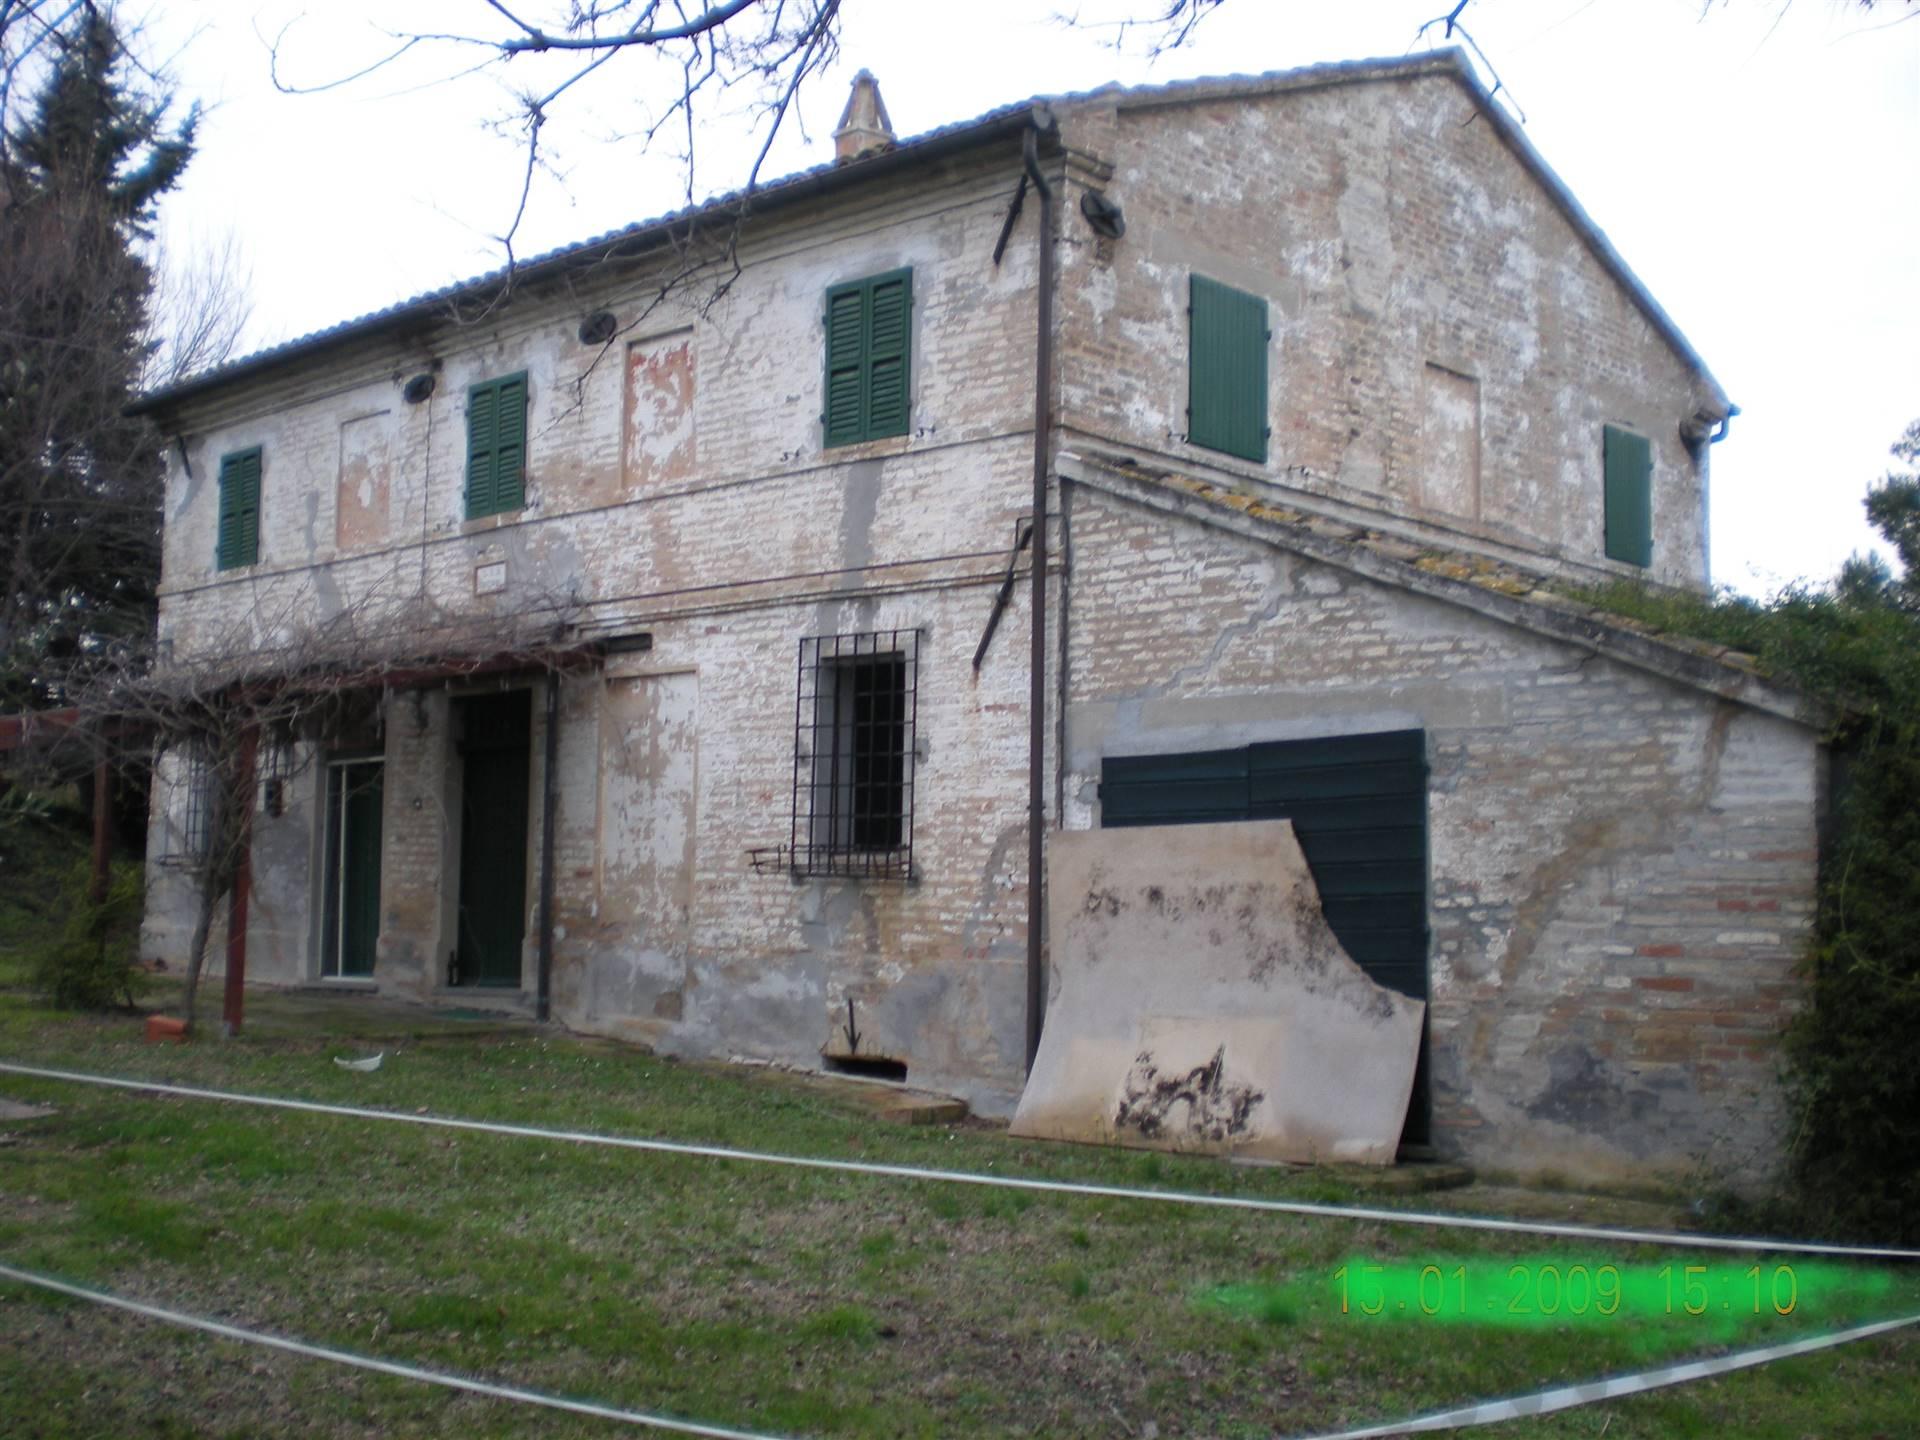 Rustico / Casale in vendita a Senigallia, 10 locali, zona Località: SCAPEZZANO, prezzo € 210.000 | CambioCasa.it